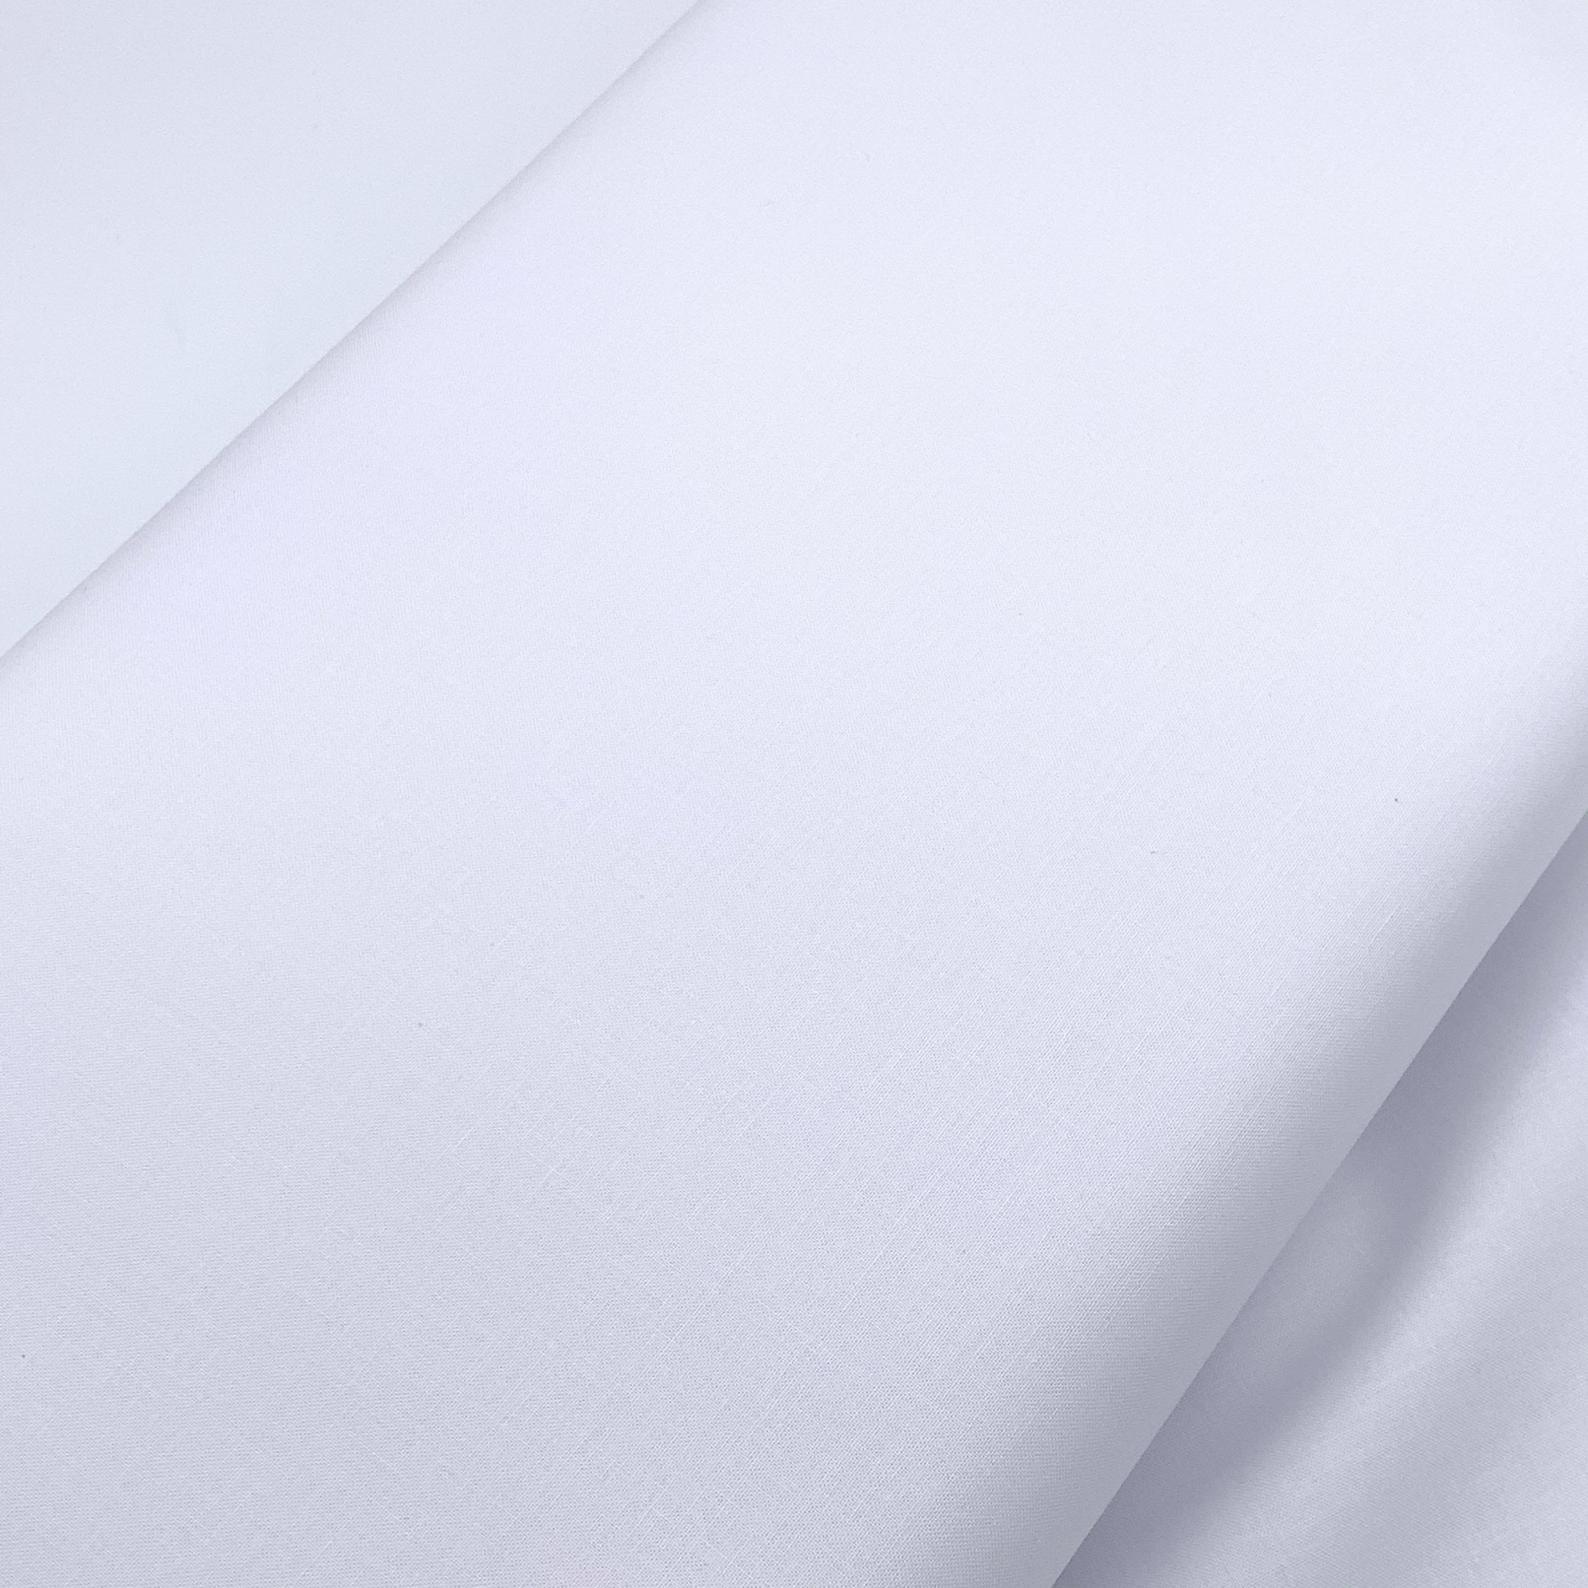 Bella Solid - White - M9900-436